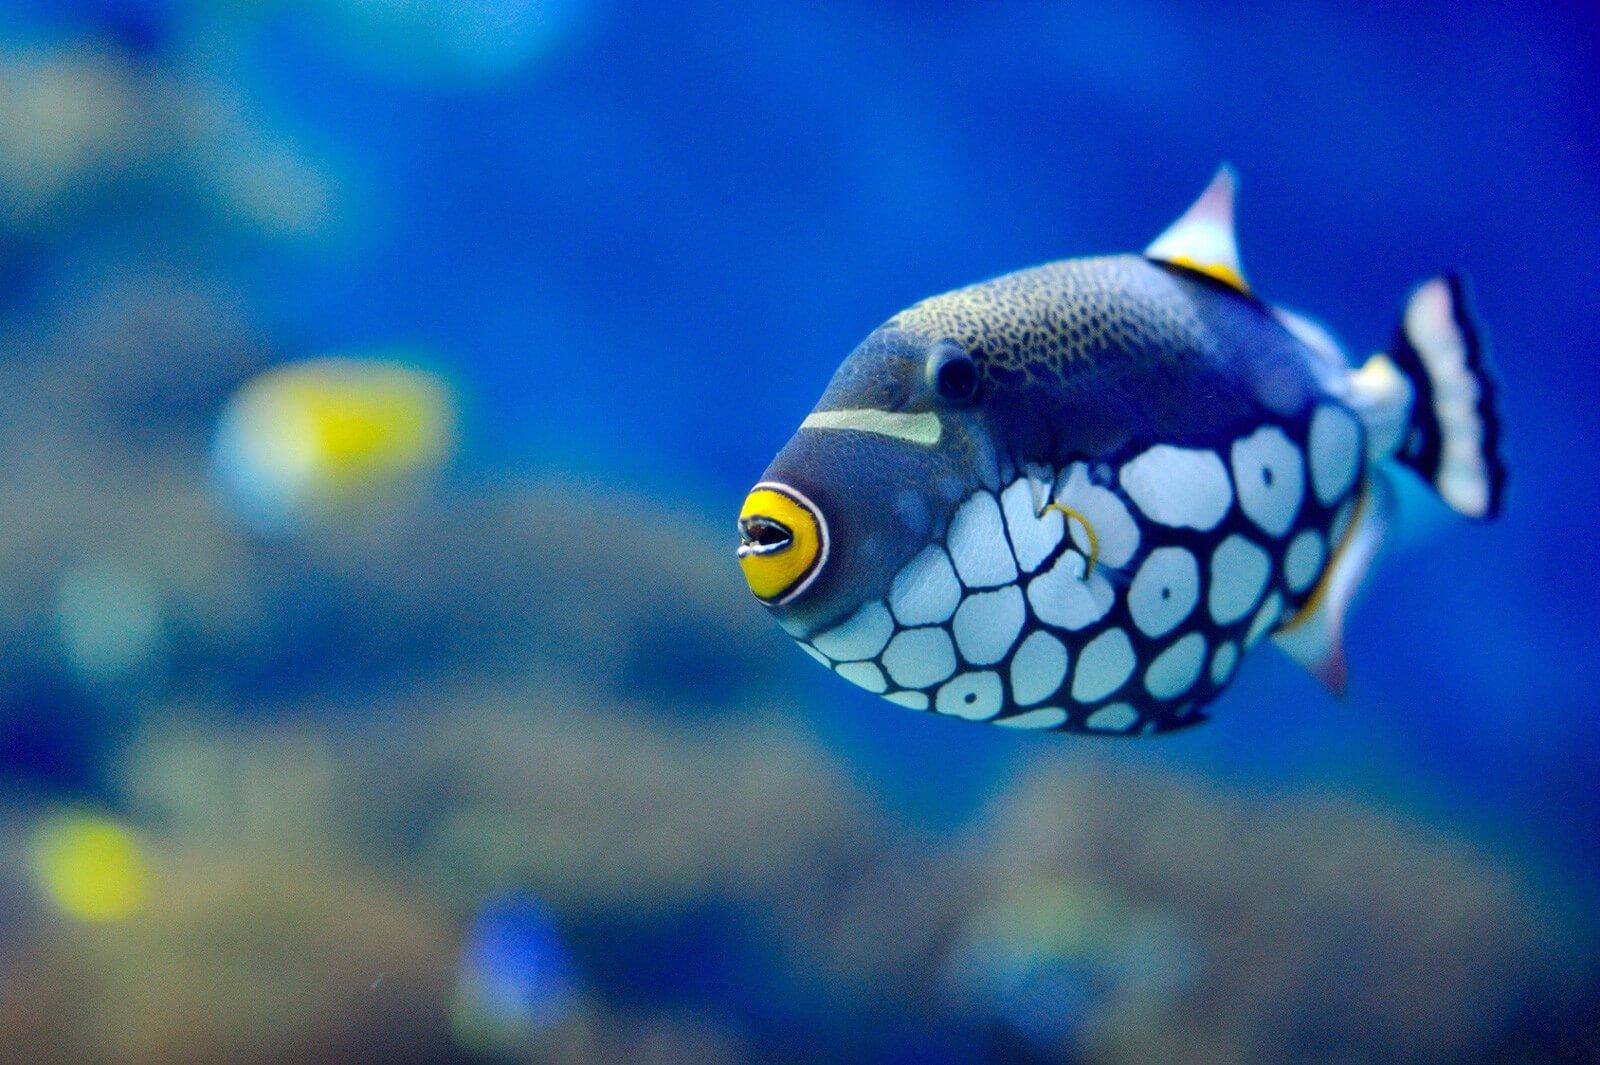 Fish for saltwater aquarium - Saltwater Aquarium Trigger Fish